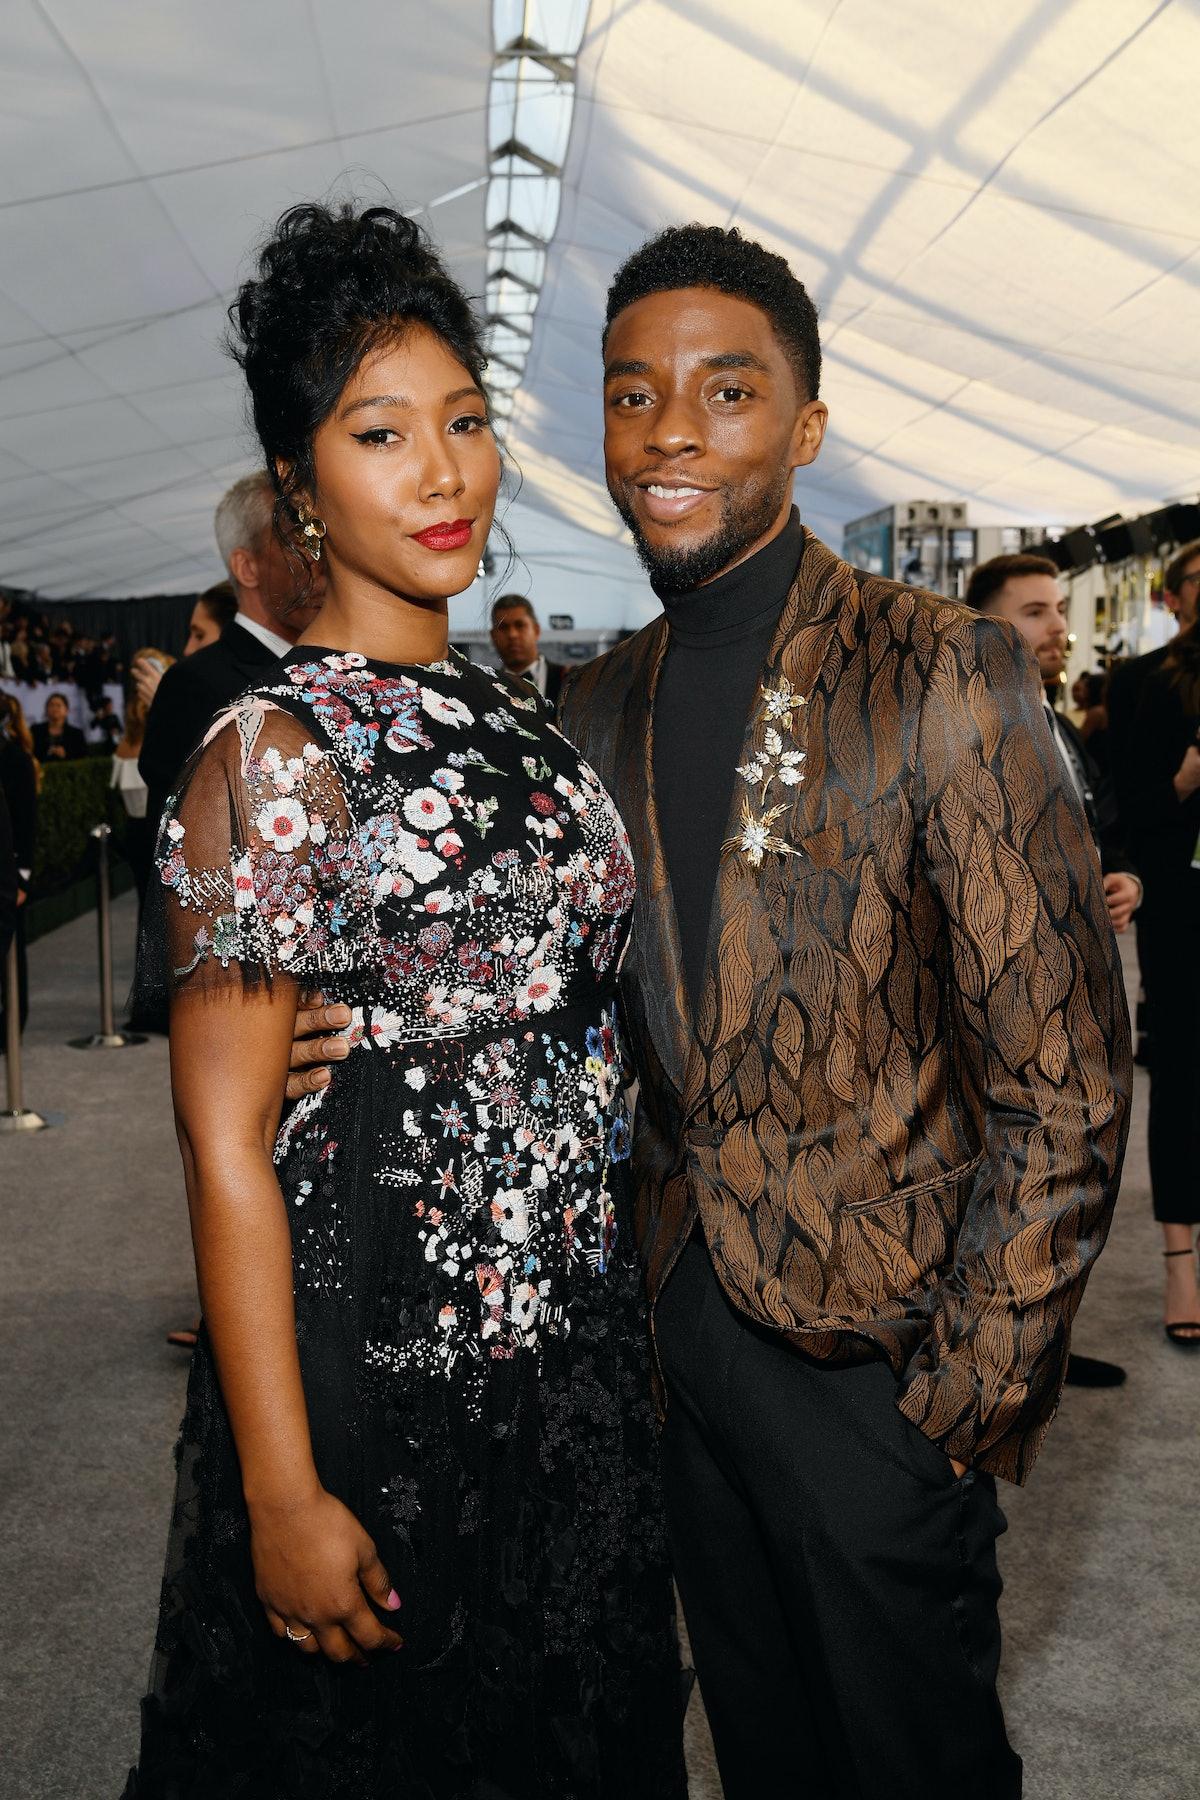 Taylor Simone Ledward and Chadwick Boseman